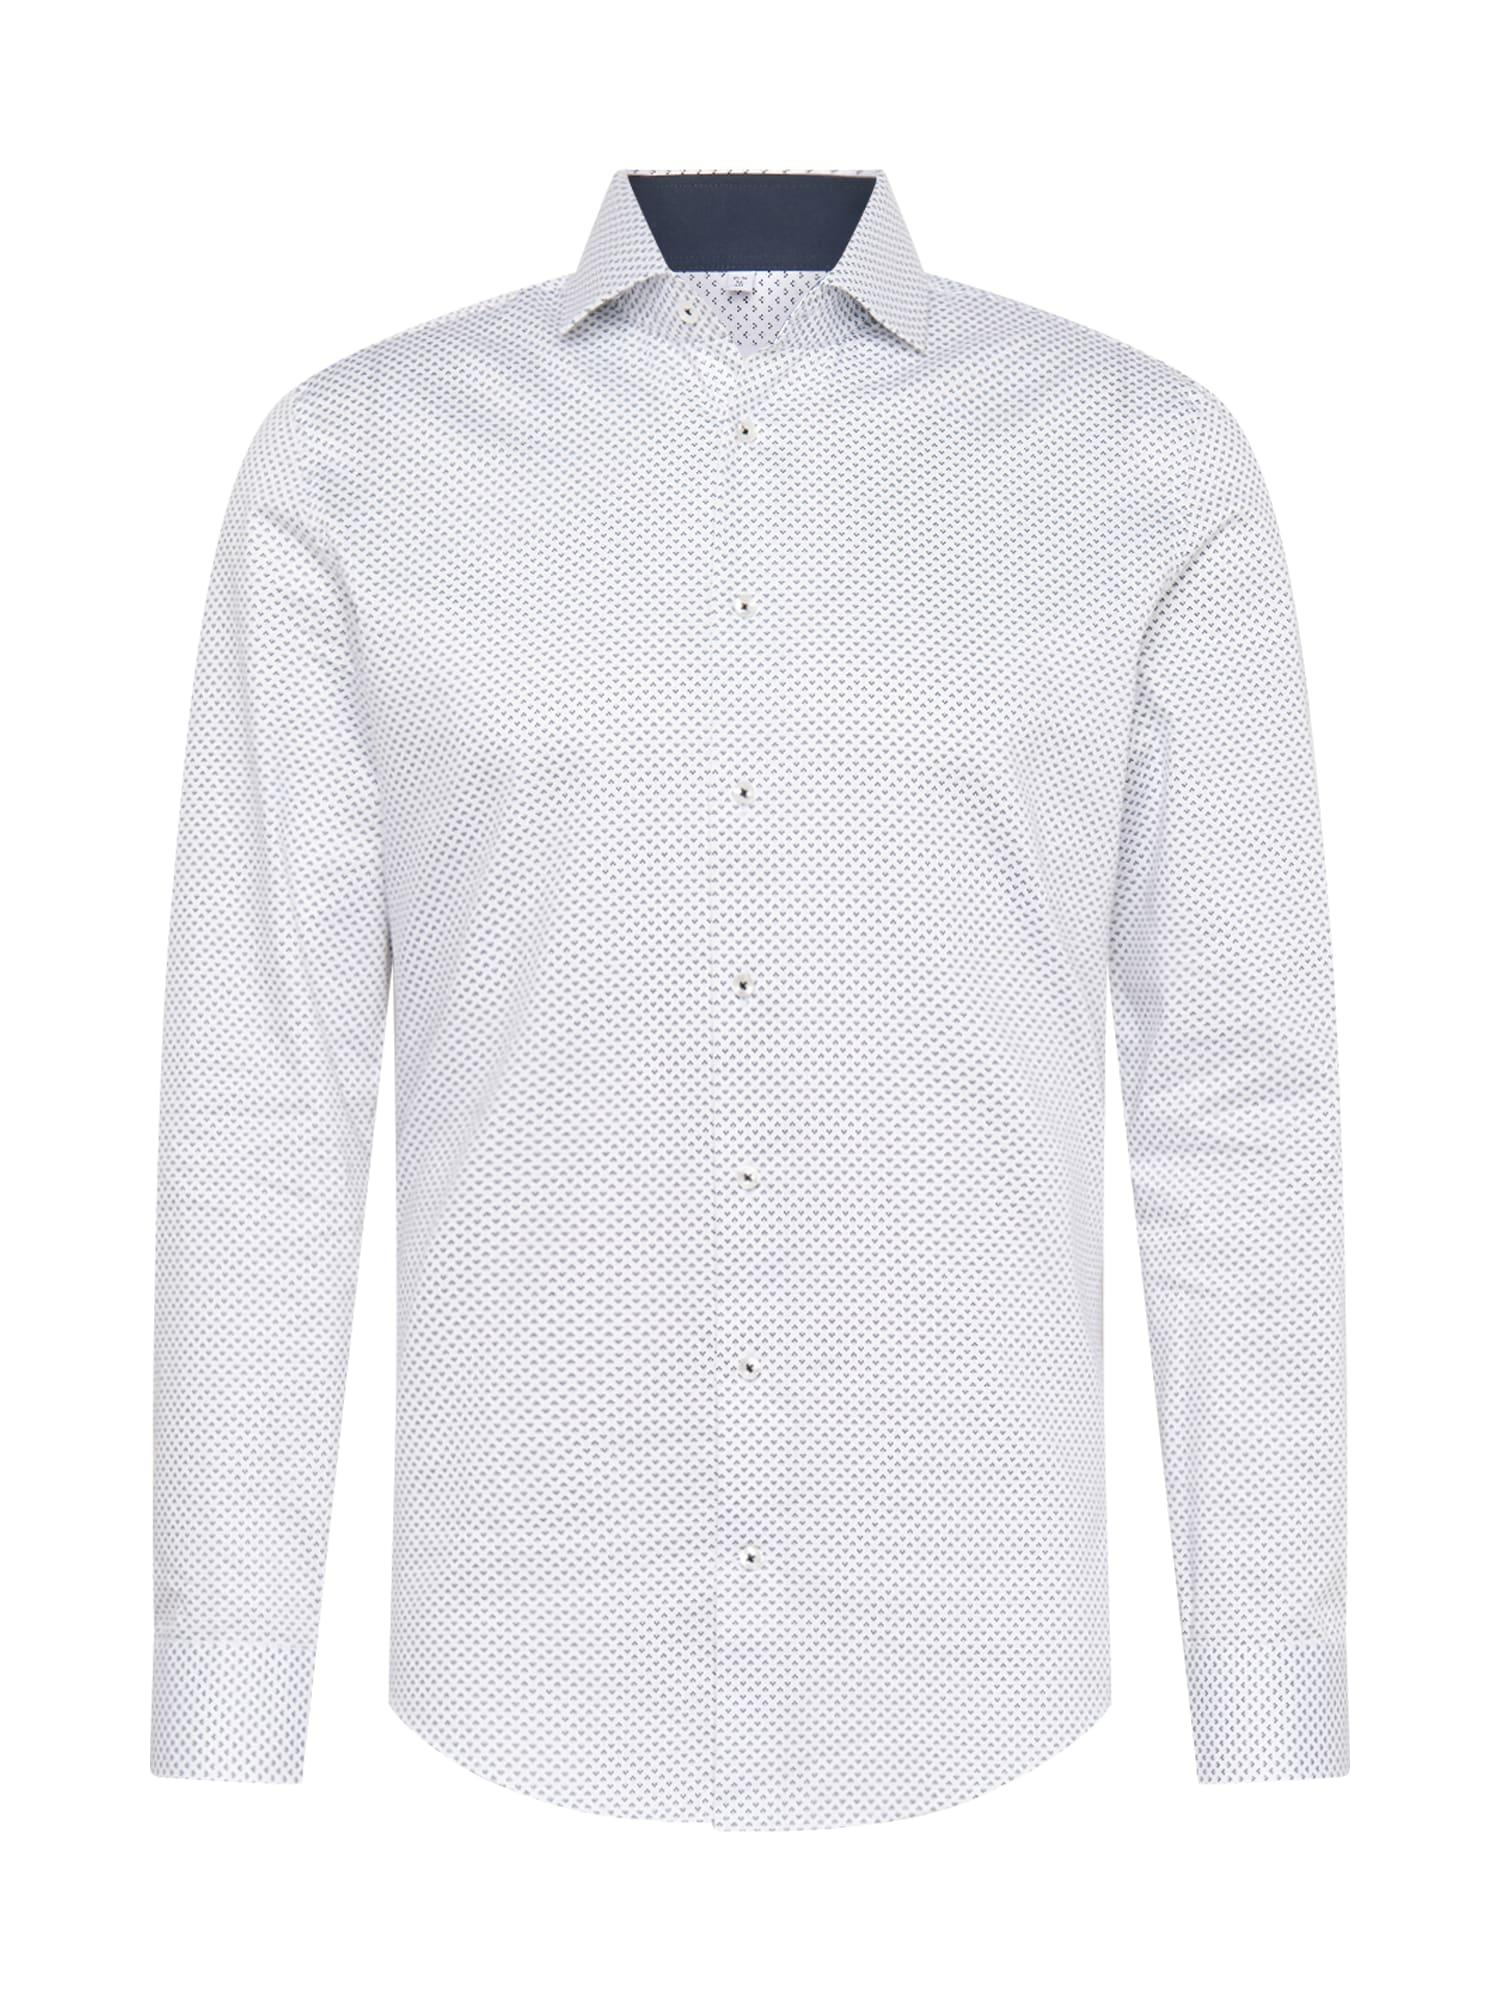 SEIDENSTICKER Dalykinio stiliaus marškiniai balkšva / mėlyna